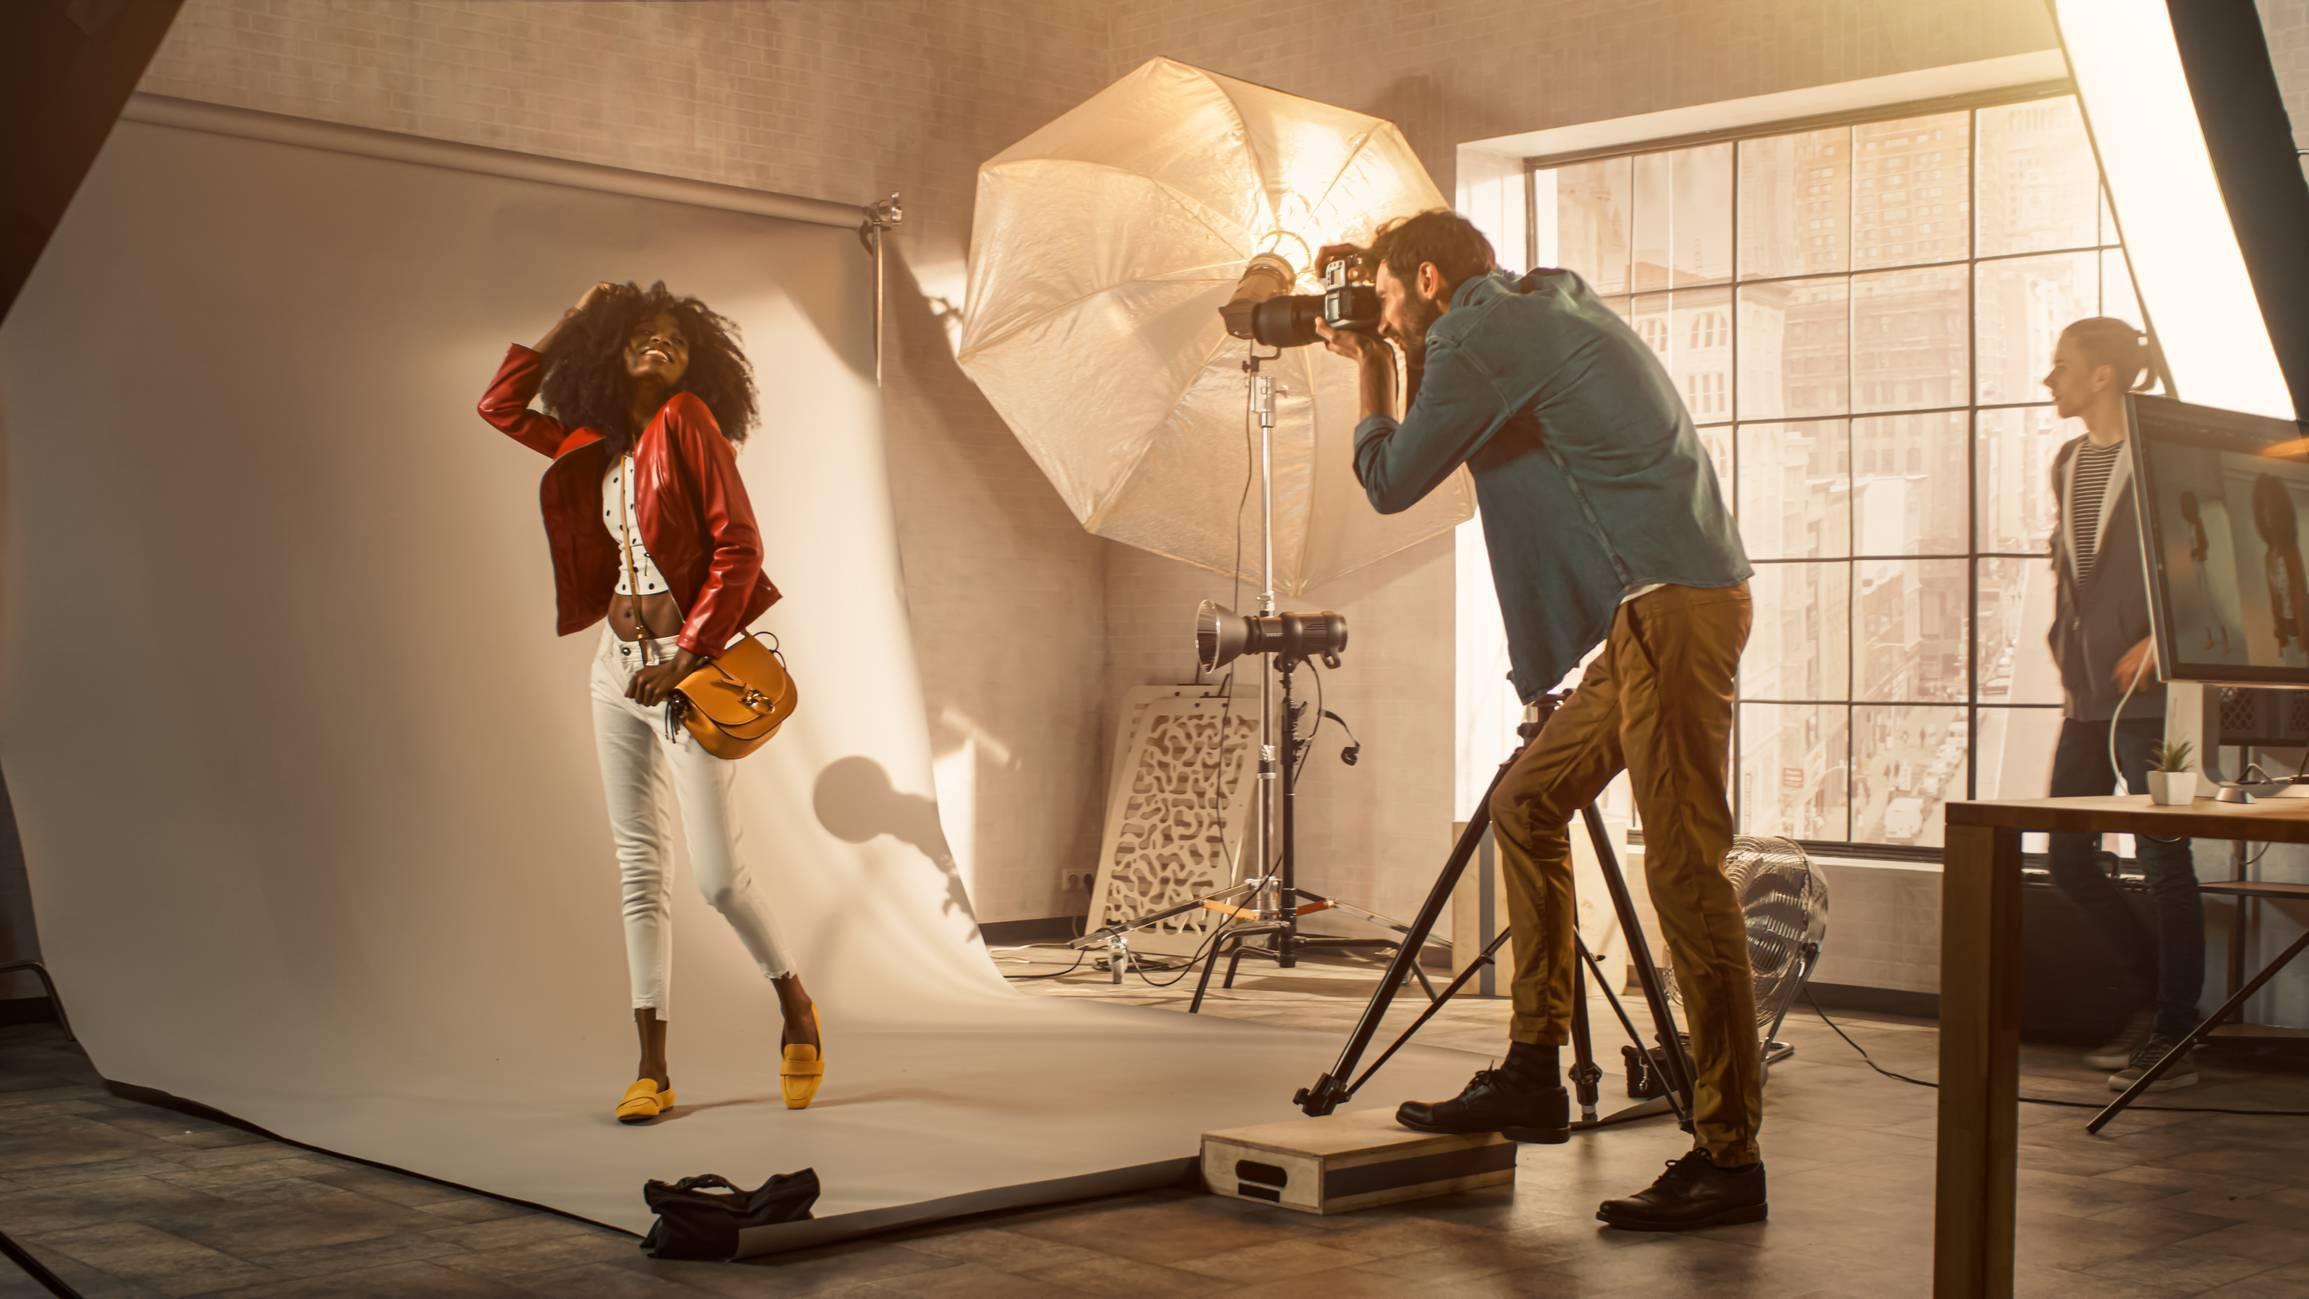 photographe professionnel accessoires